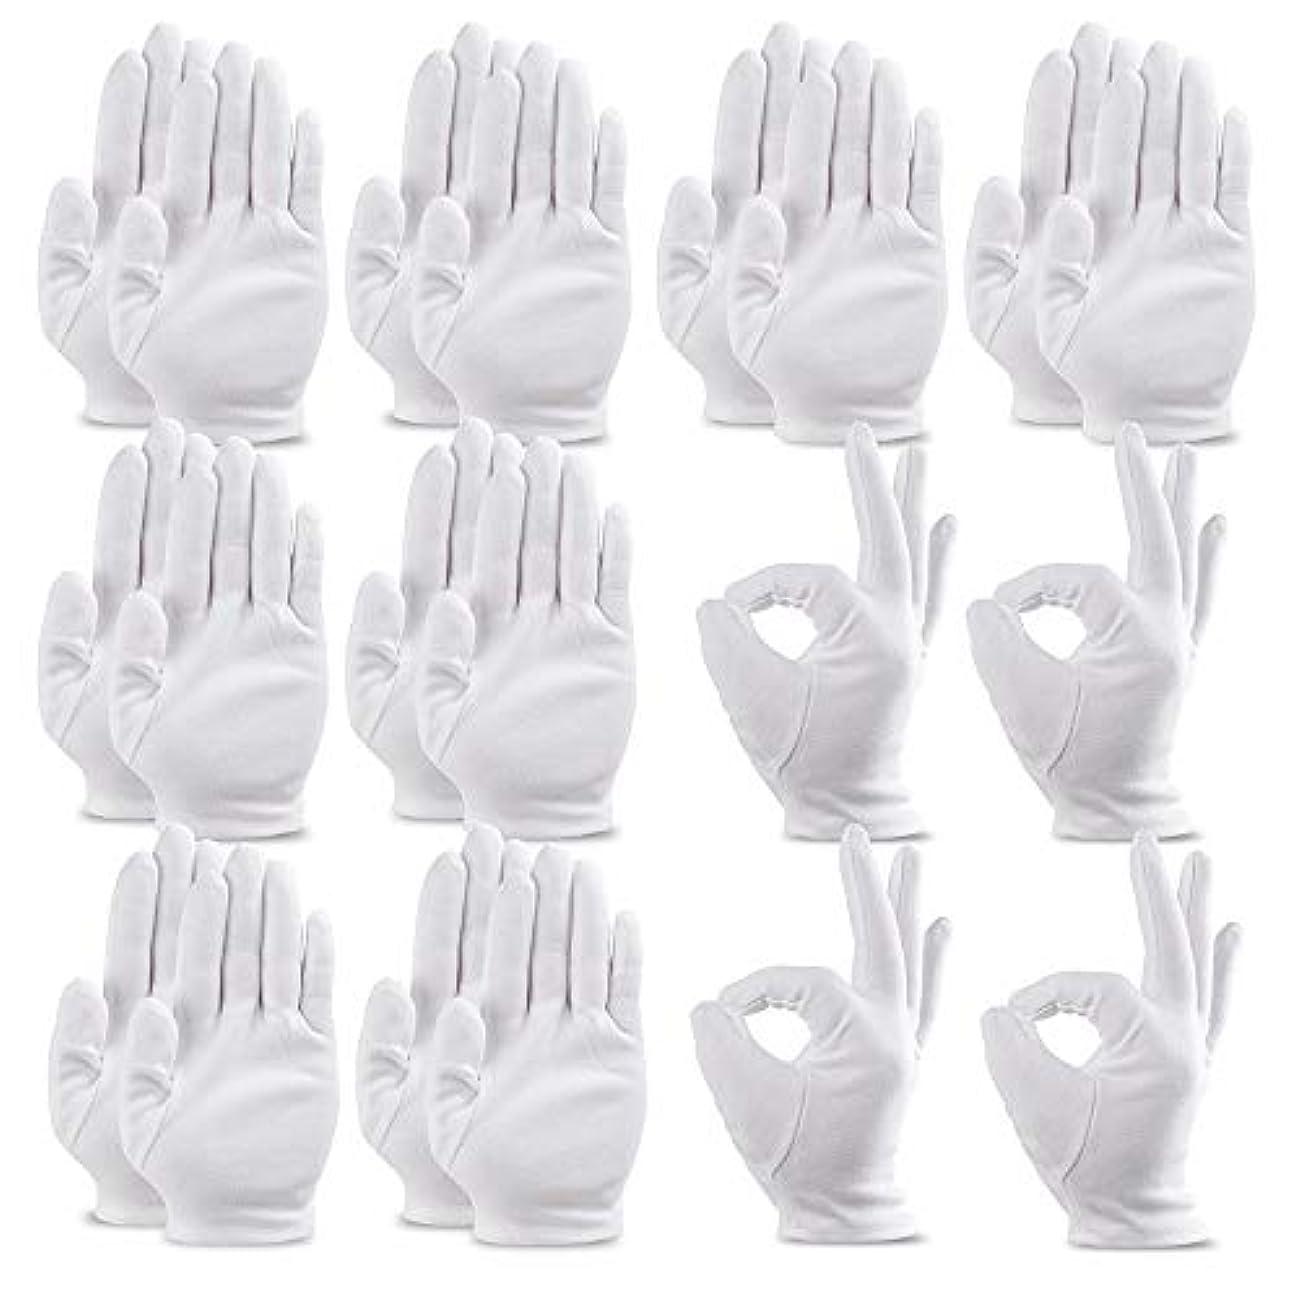 イブニングムスタチオ争い手袋 綿手袋 インナーコットン手袋 ガーデニング用手袋 20枚入り